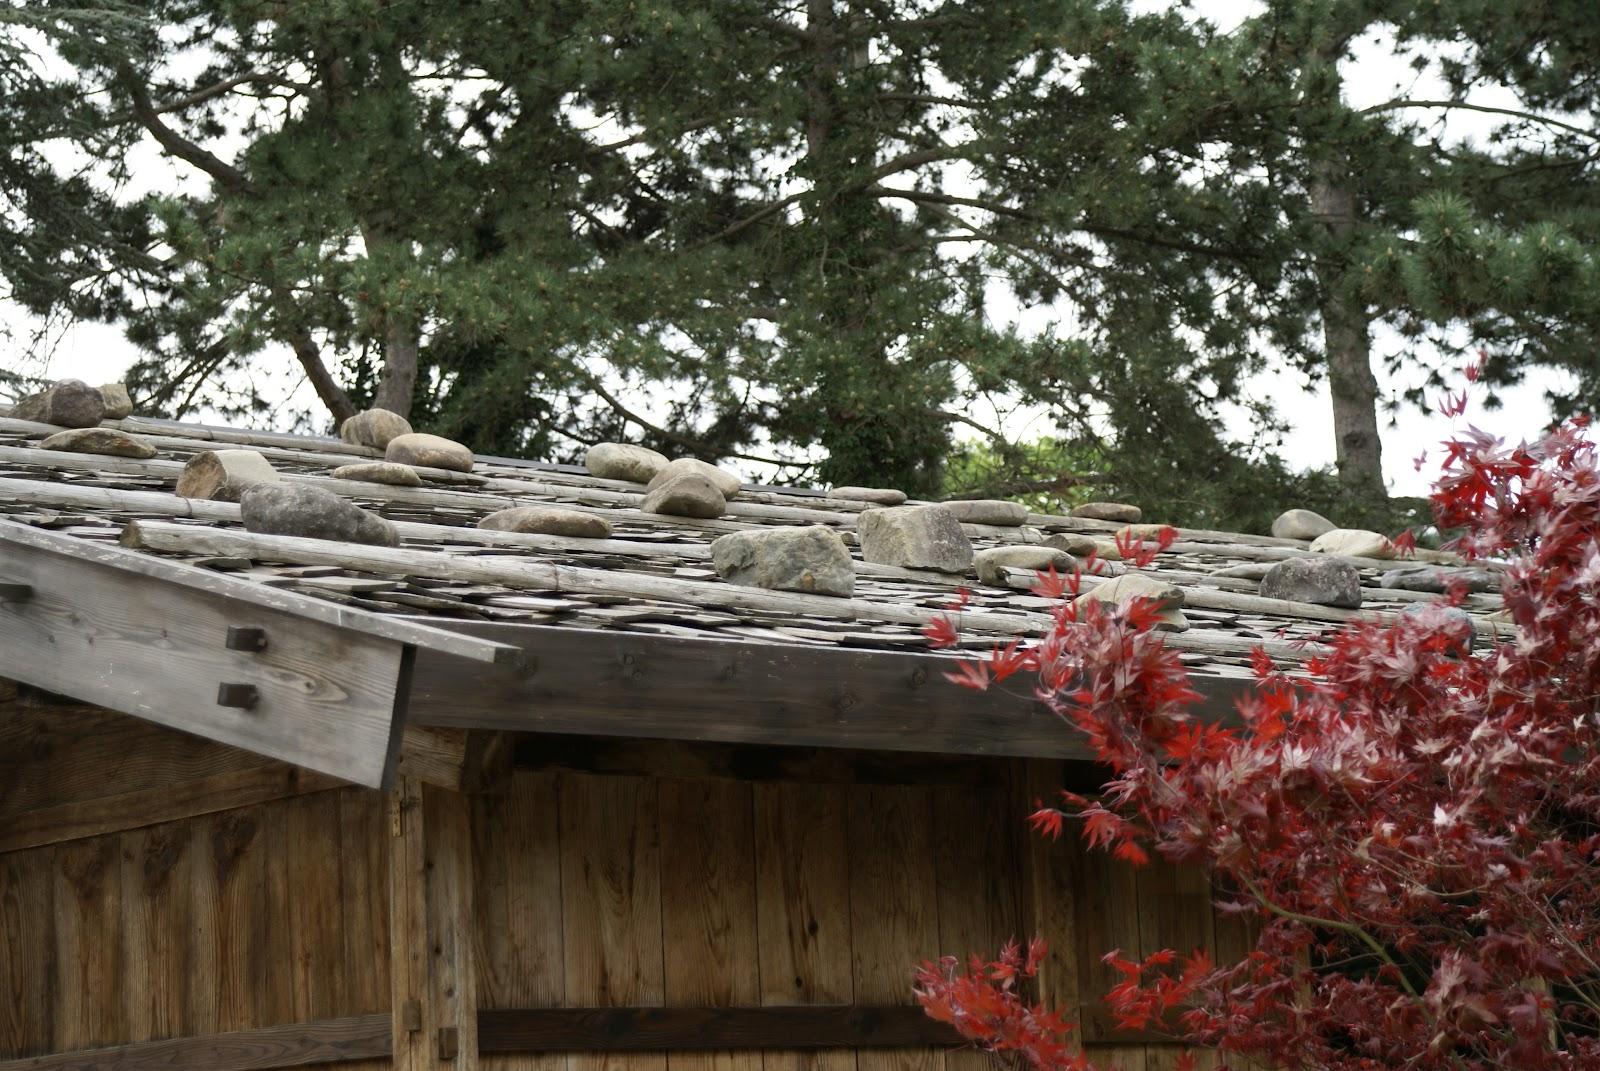 un tr sor du jardin d 39 acclimatation la maison de kiso demysteafication. Black Bedroom Furniture Sets. Home Design Ideas